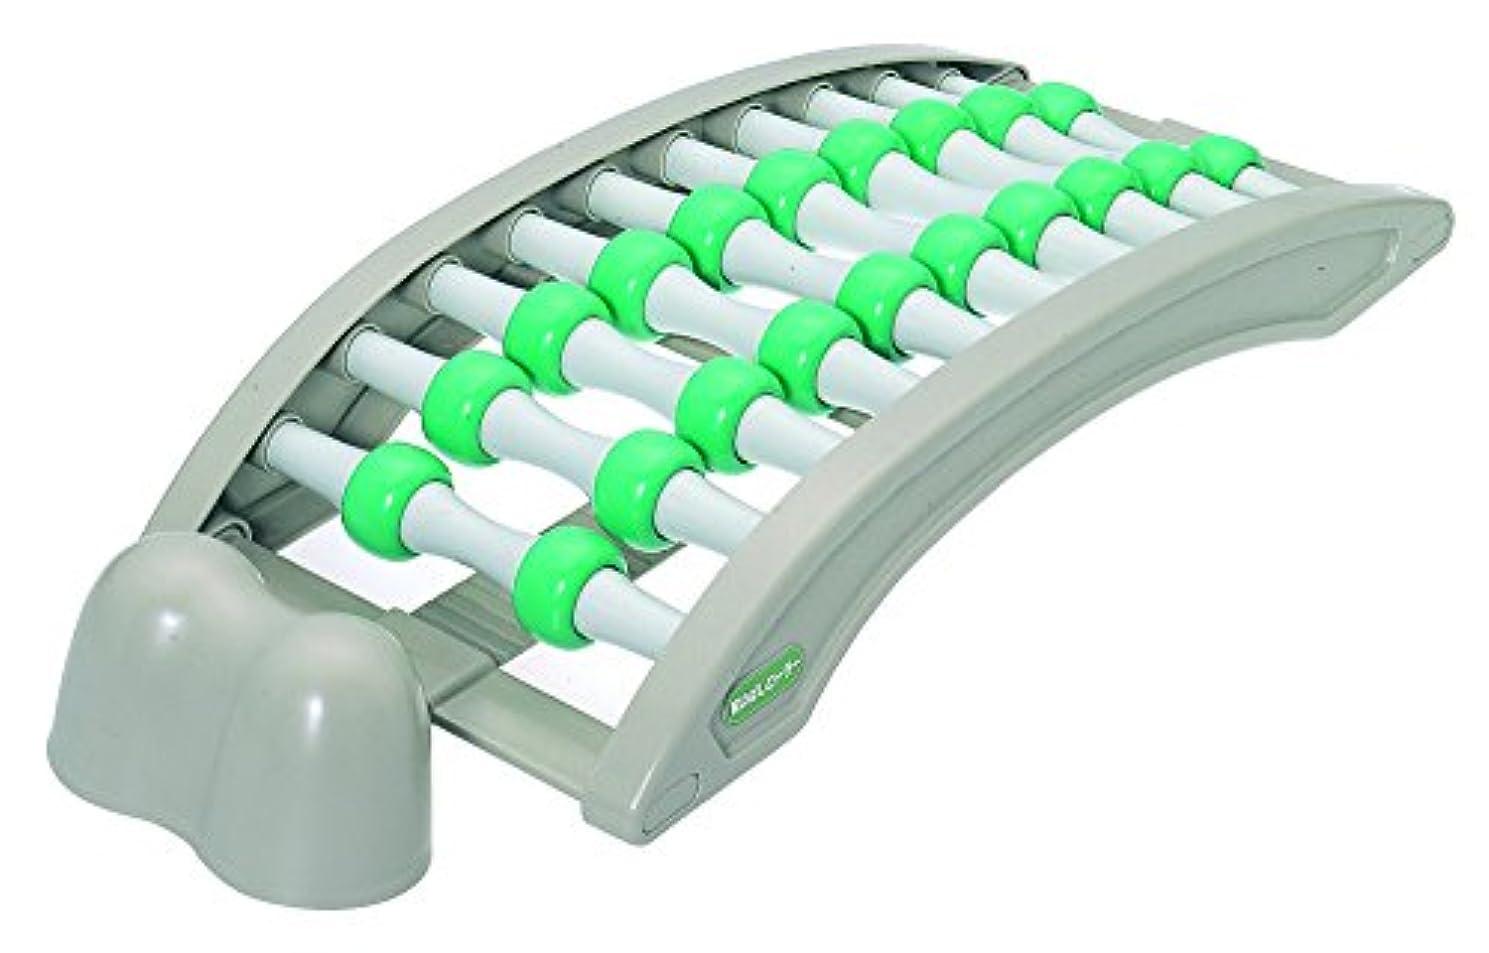 レール適用する常習的アイワ 健康器具 背のばしローラー